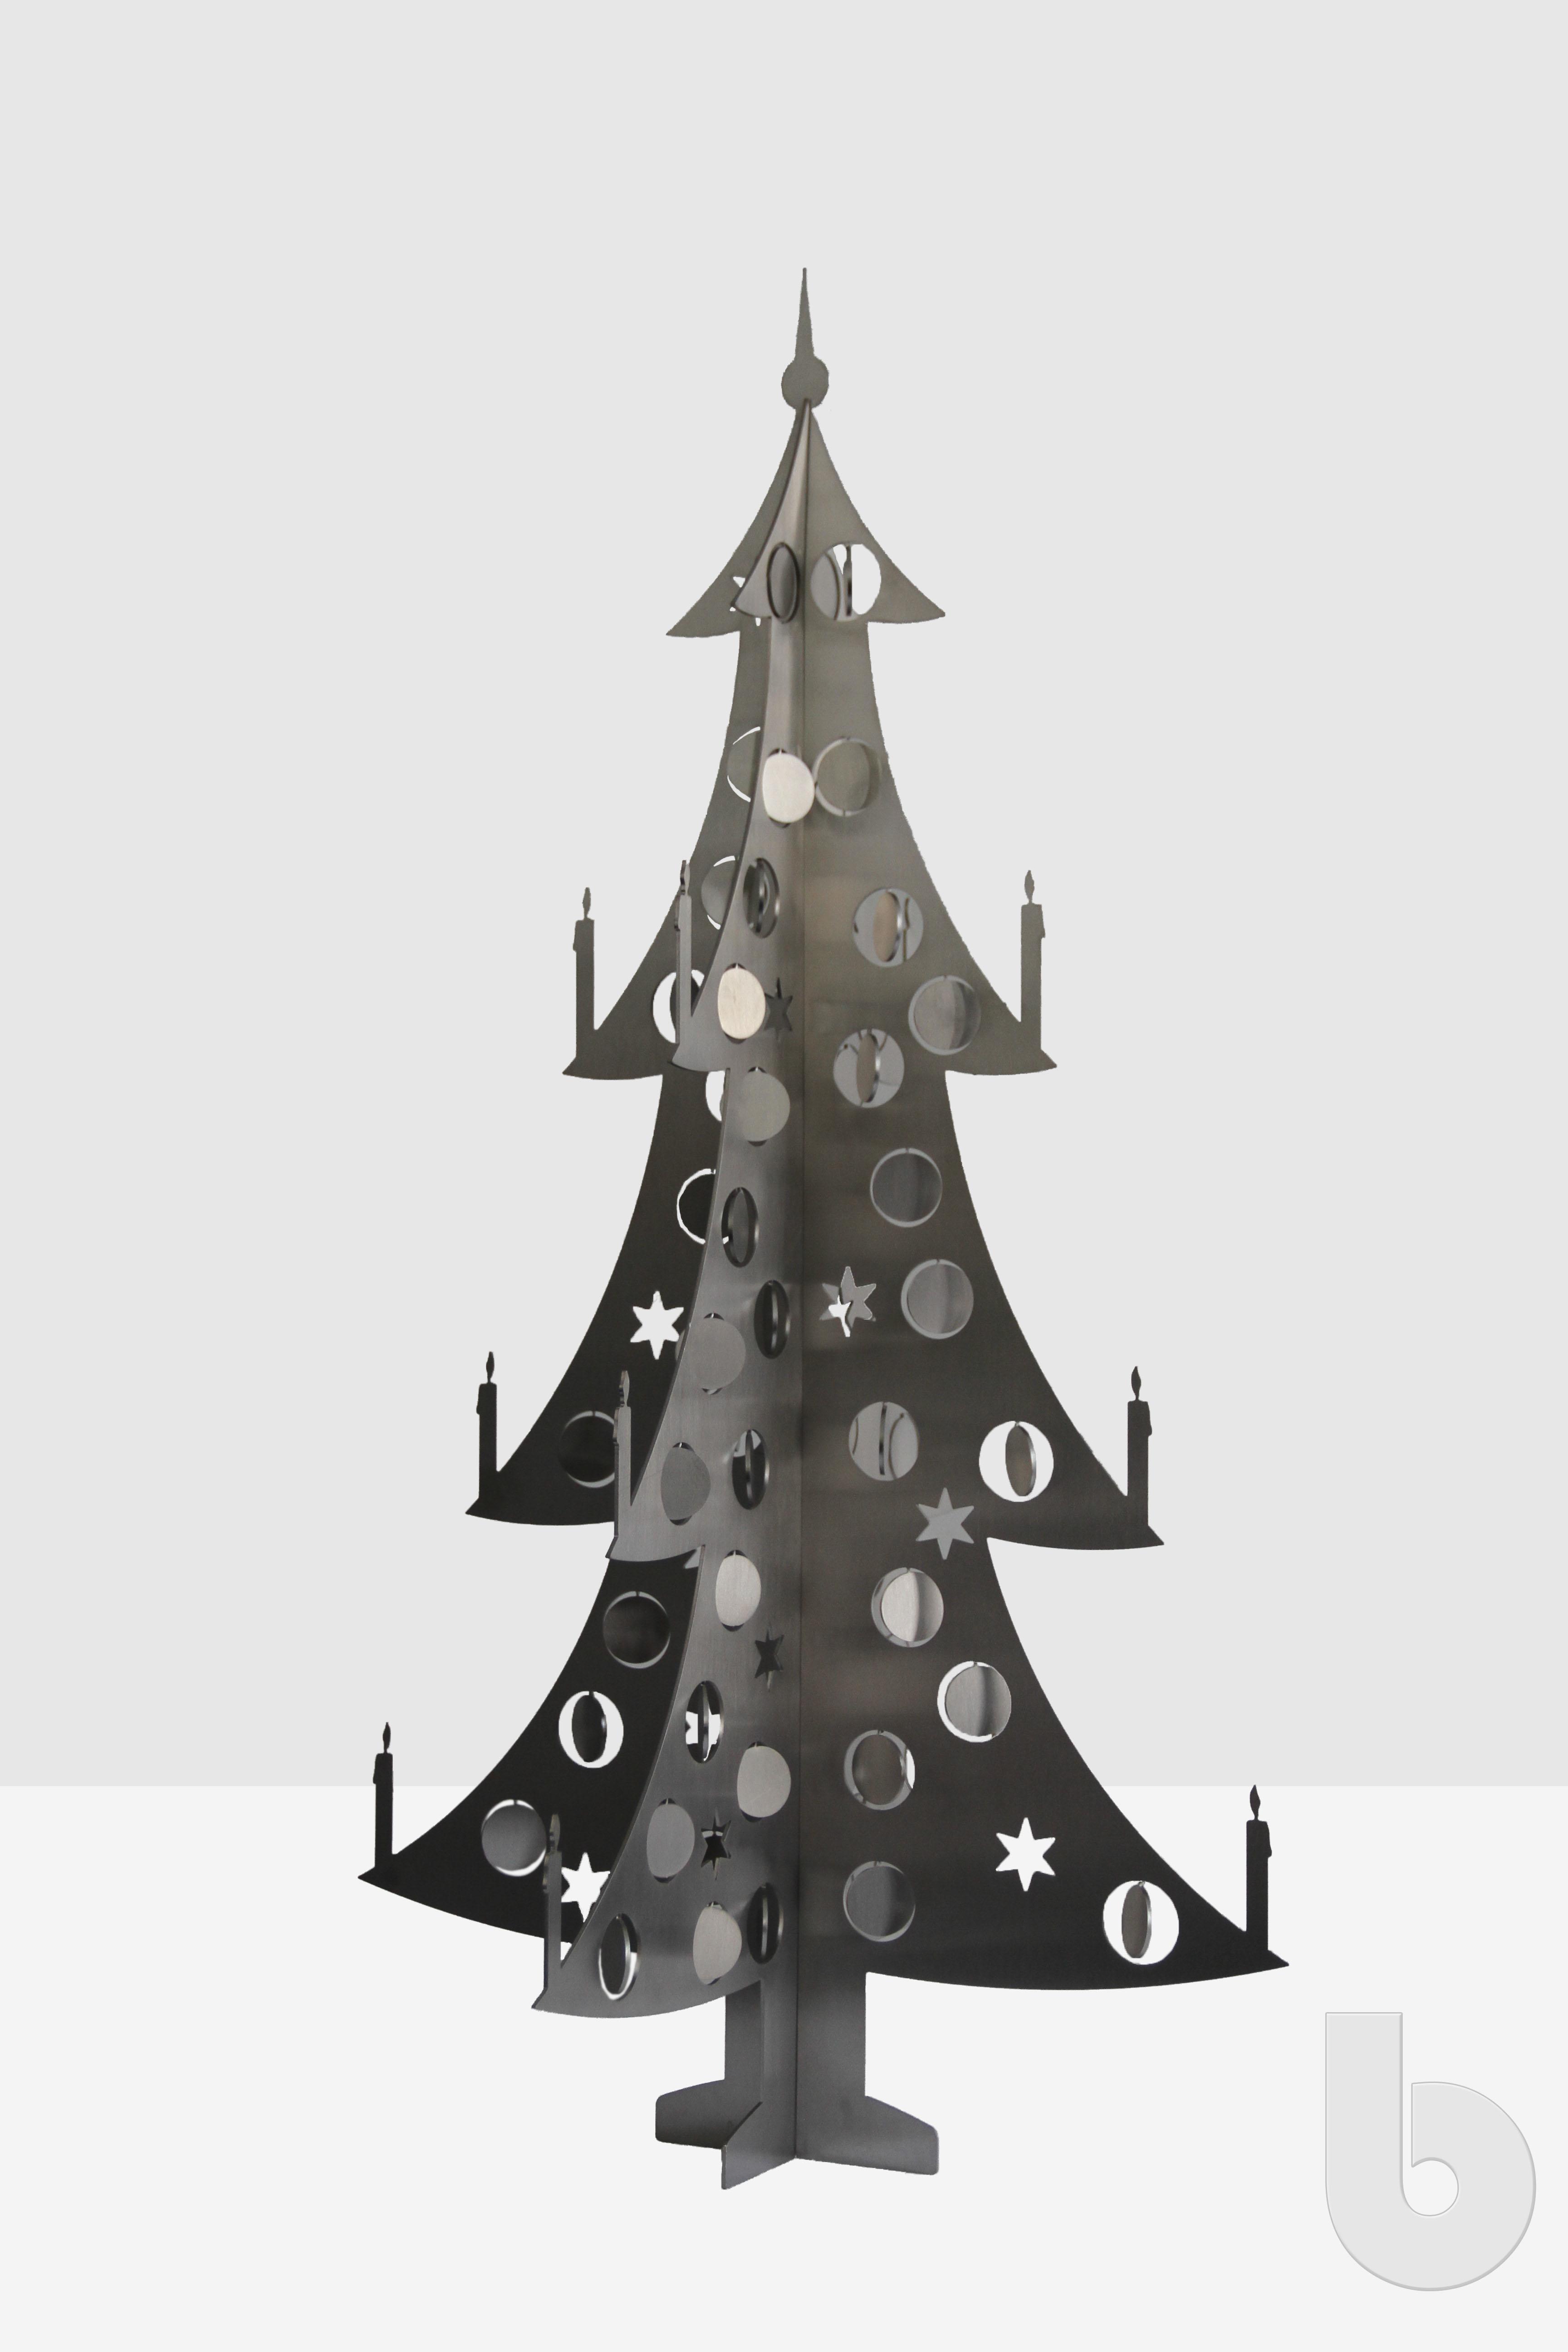 Kugel Für Tannenbaum.Edel Tannenbaum Mit Kugeln